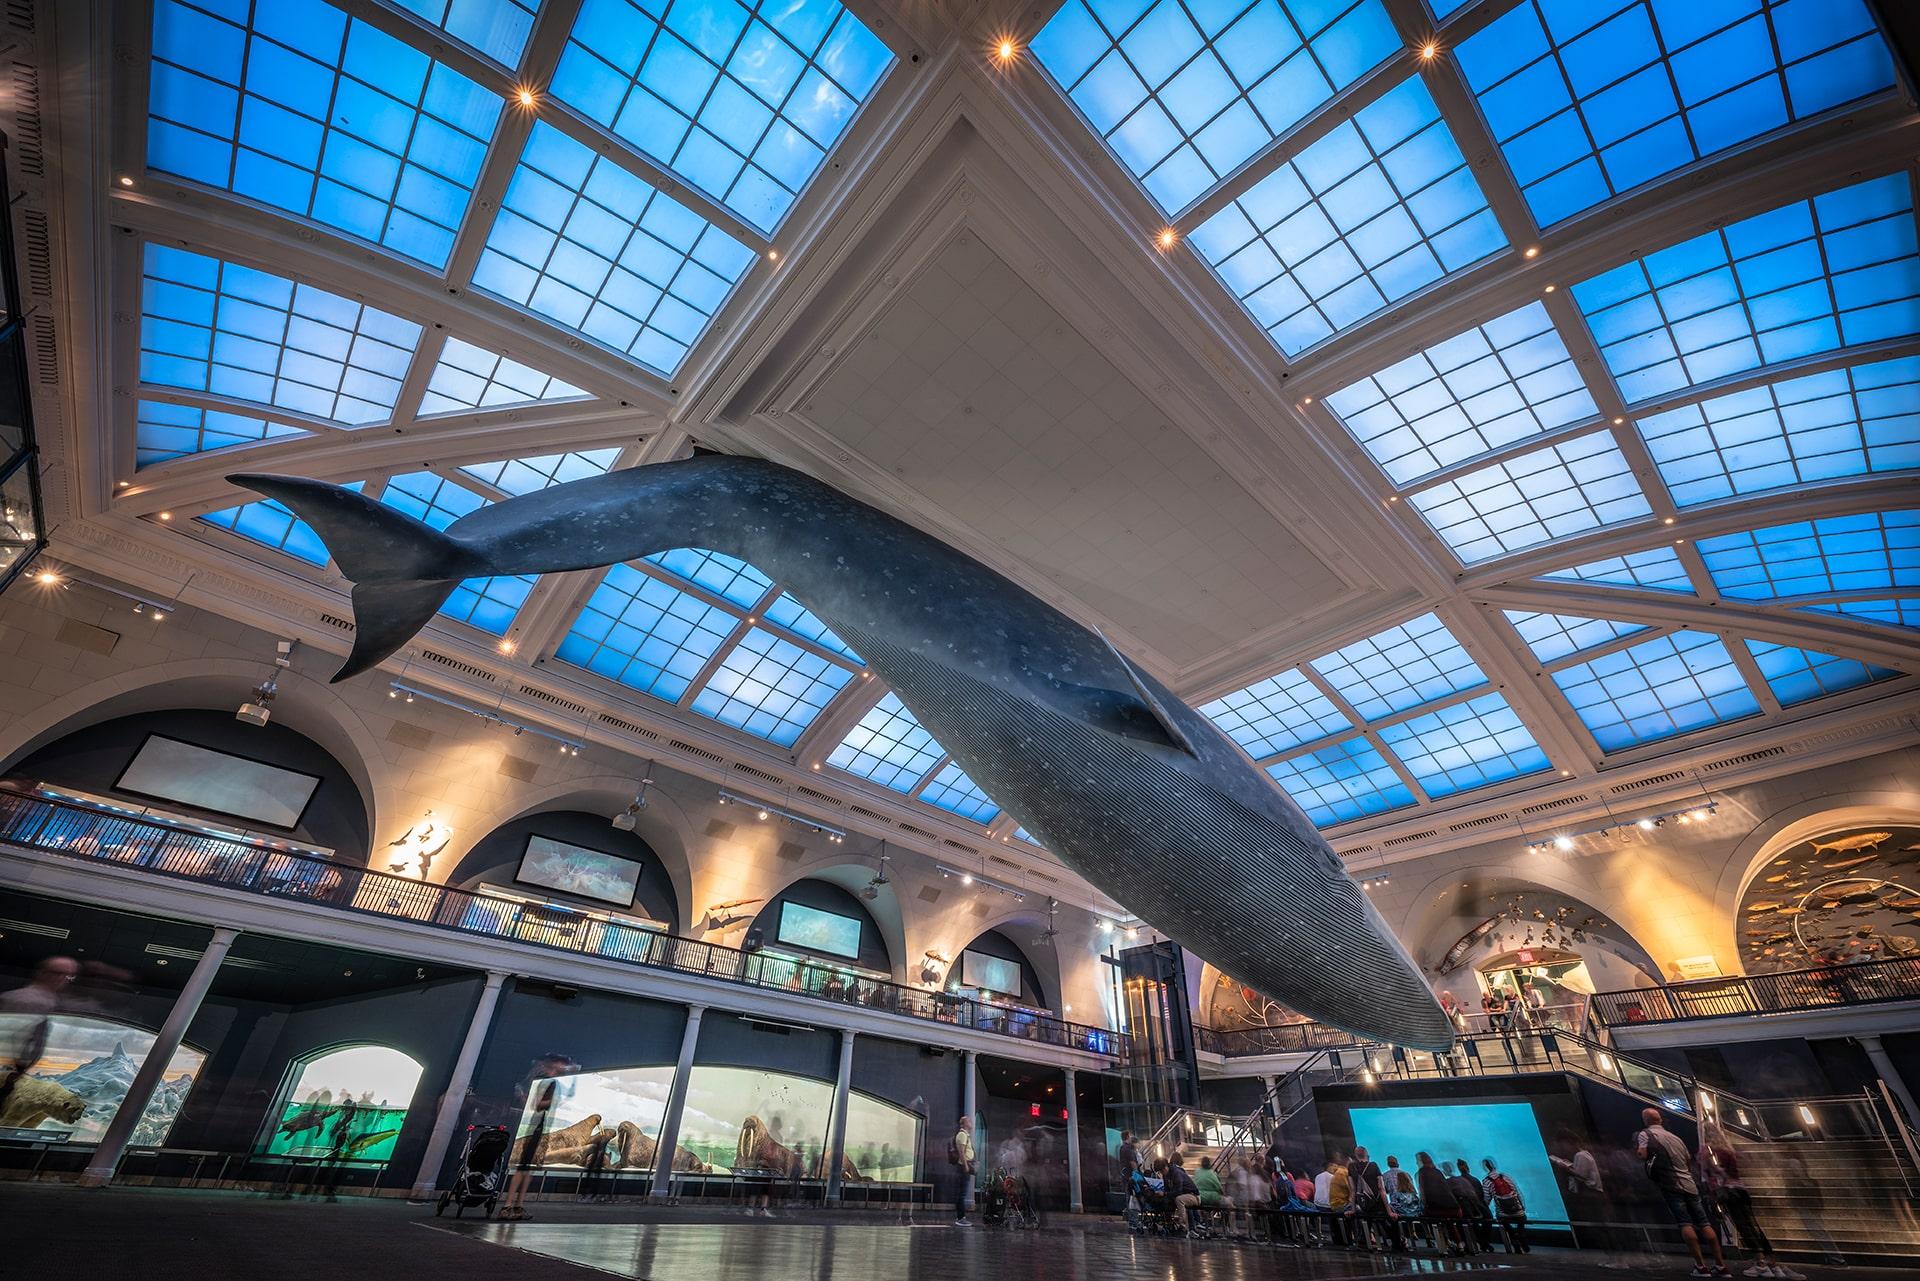 Blog Lifestyle - La fameuse baleine, taille réelle du Musée d'Histoire Naturelle- Suivre sa Joie - Saskia Parein